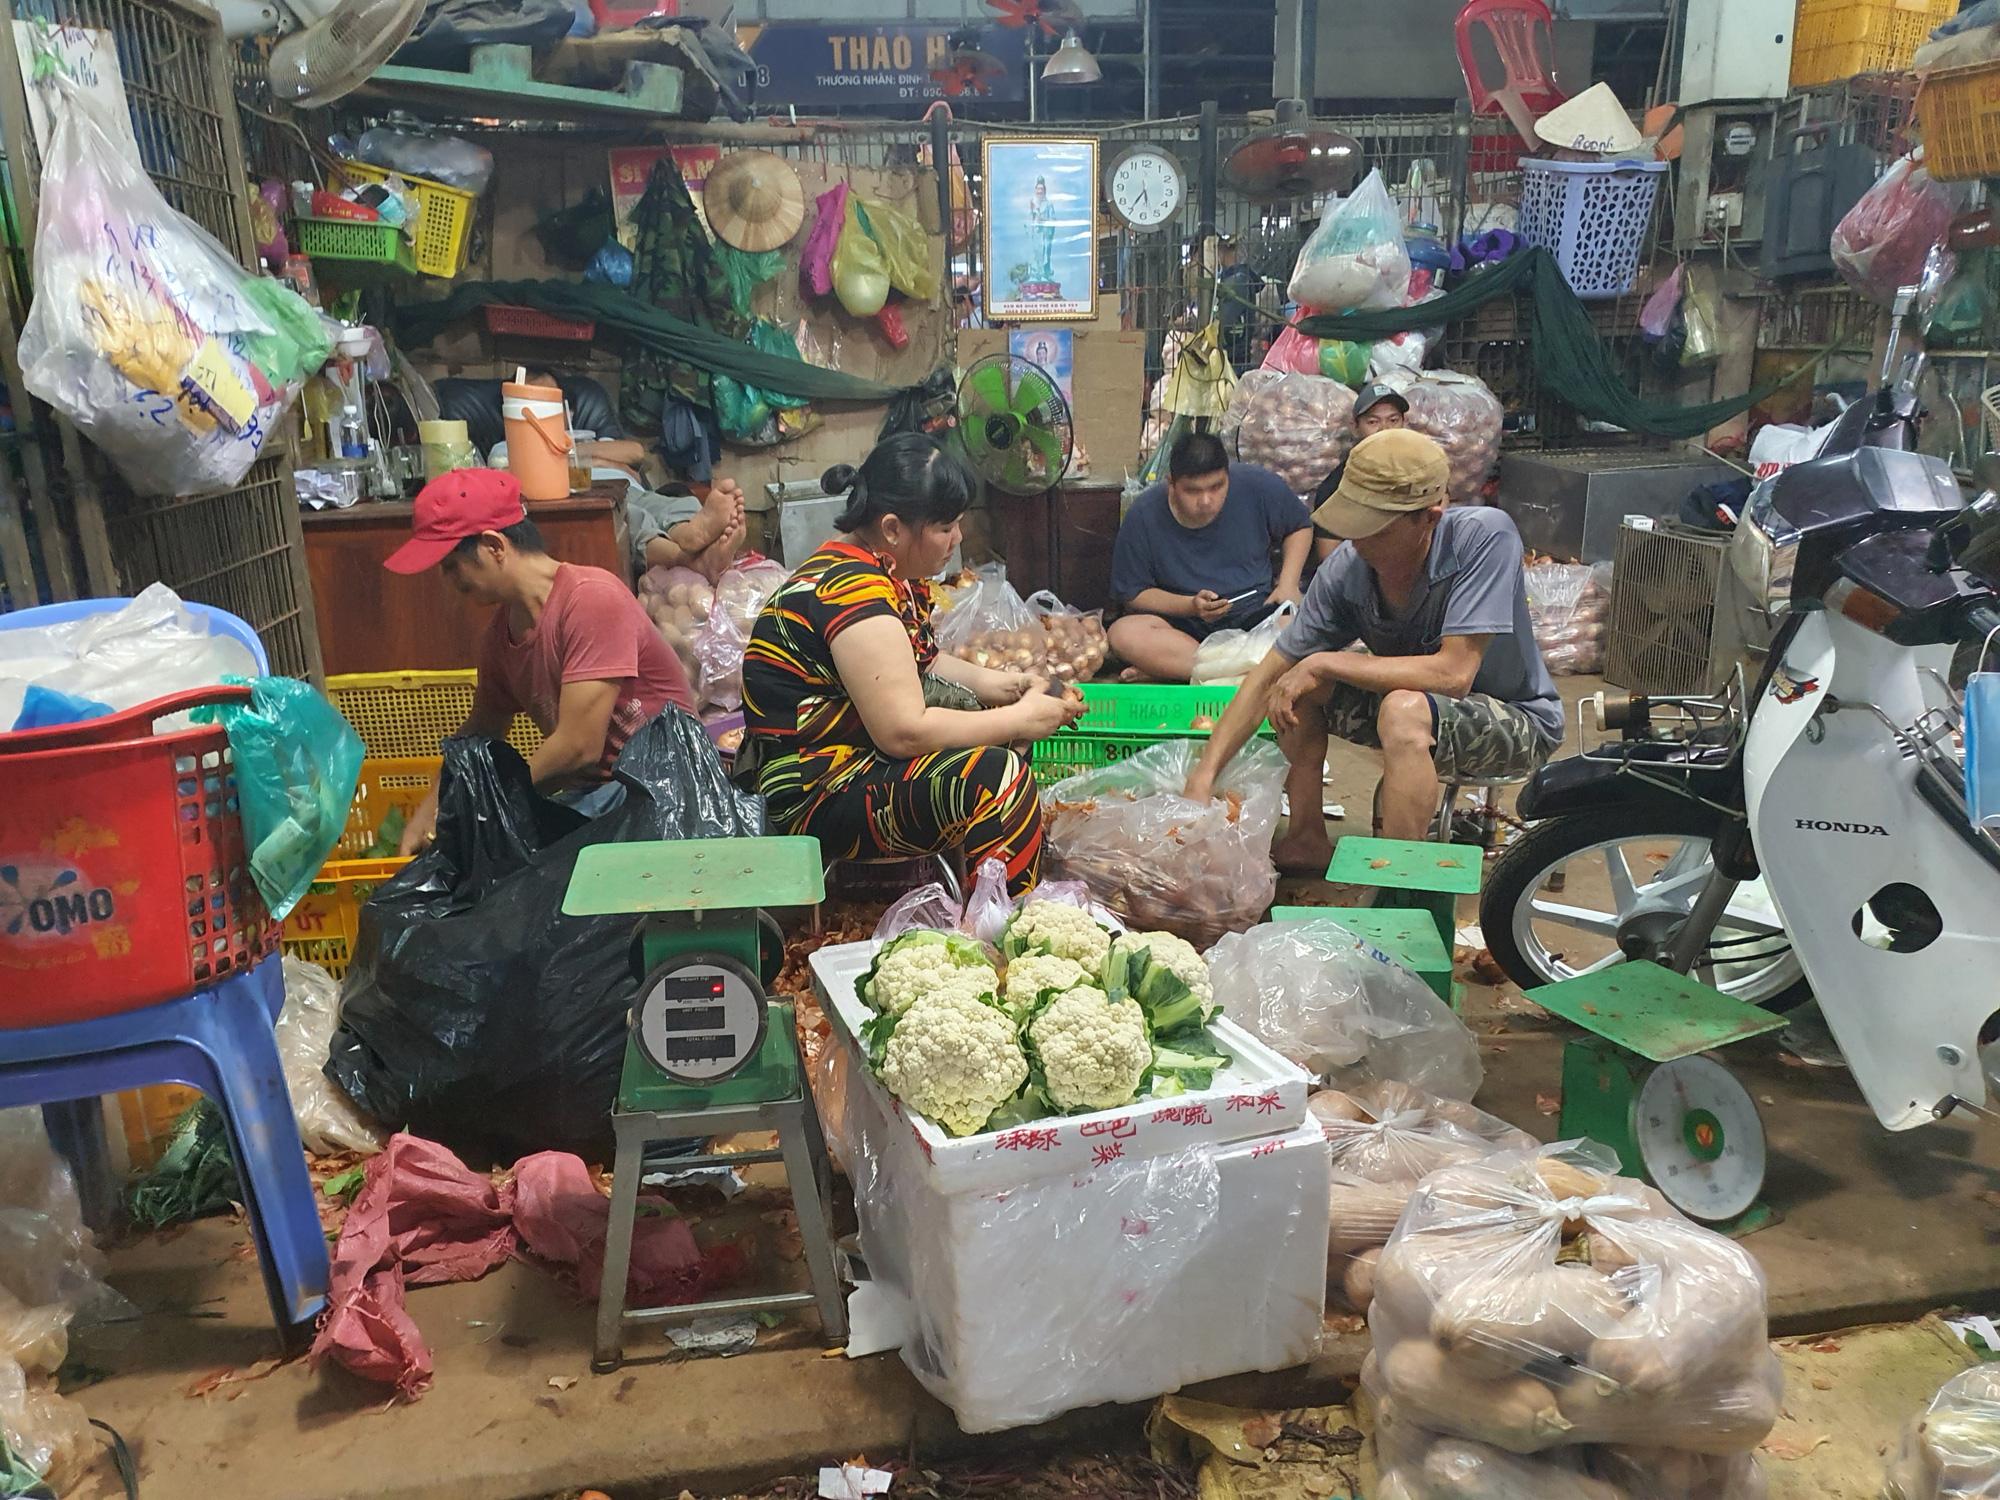 Porter at Saigon's largest wholesale market has positive rapid COVID-19 test result